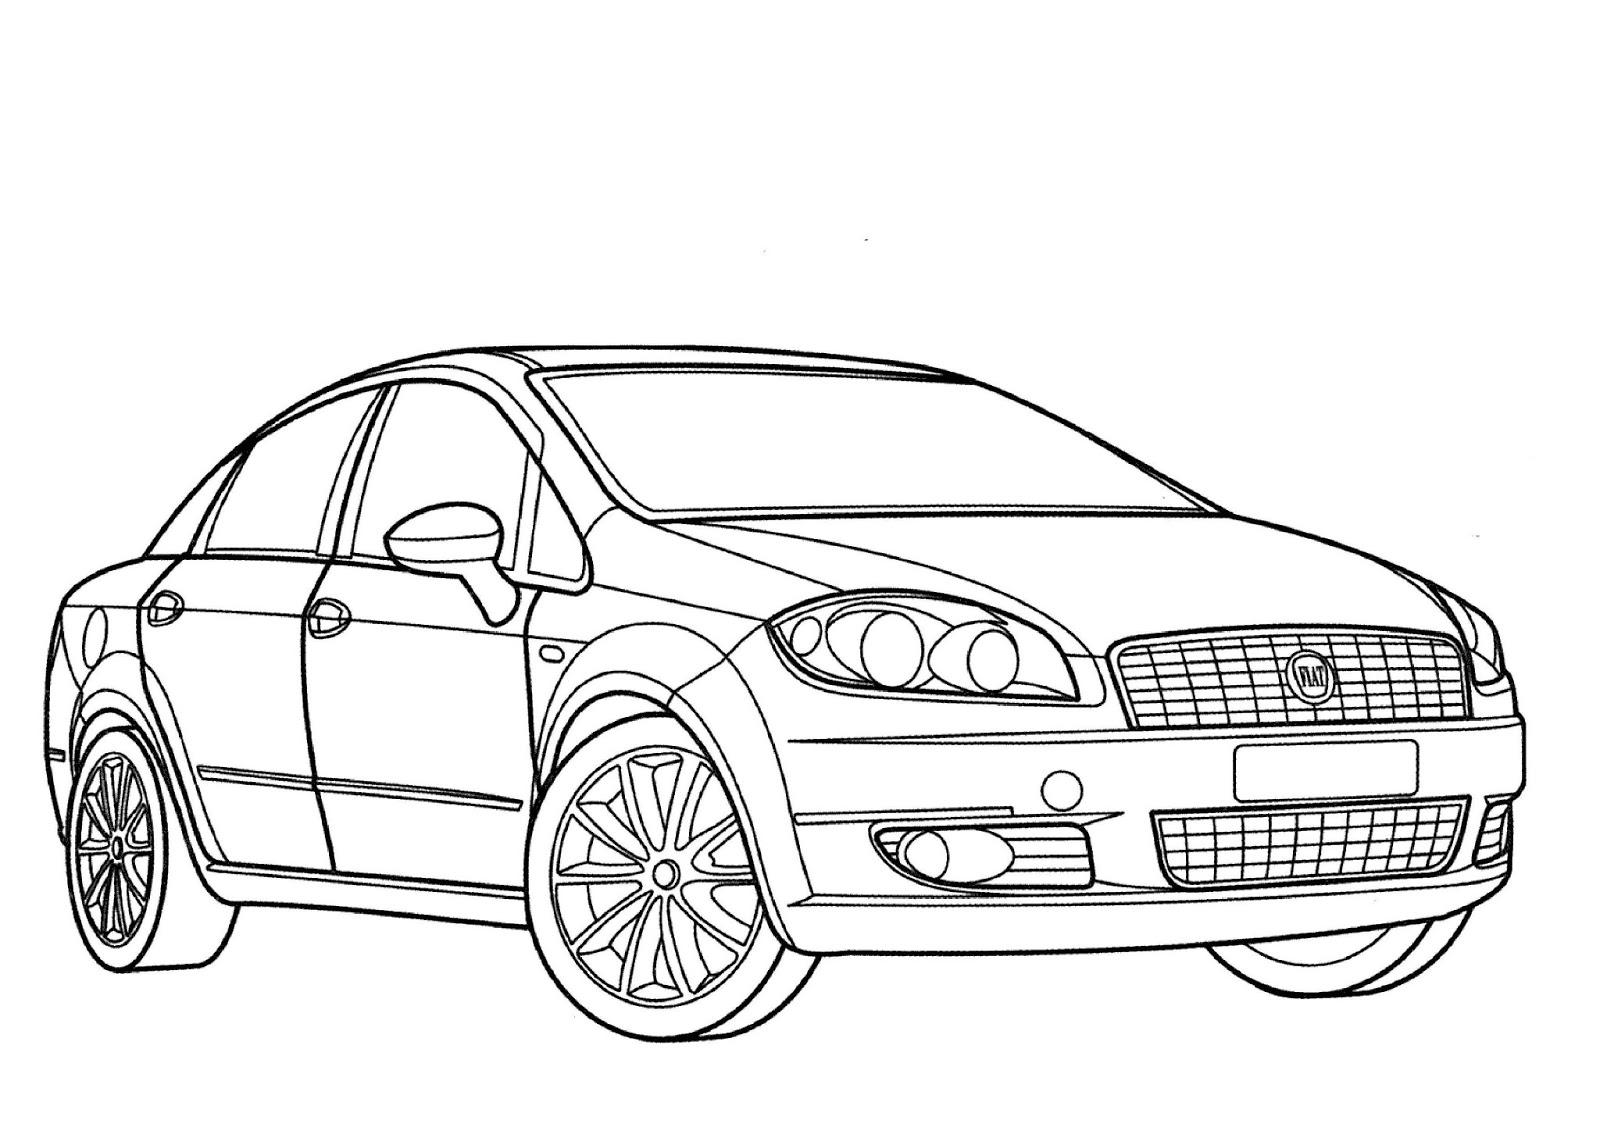 Excepcional Toyota Para Colorear Ideas - Dibujos Para Colorear En ...